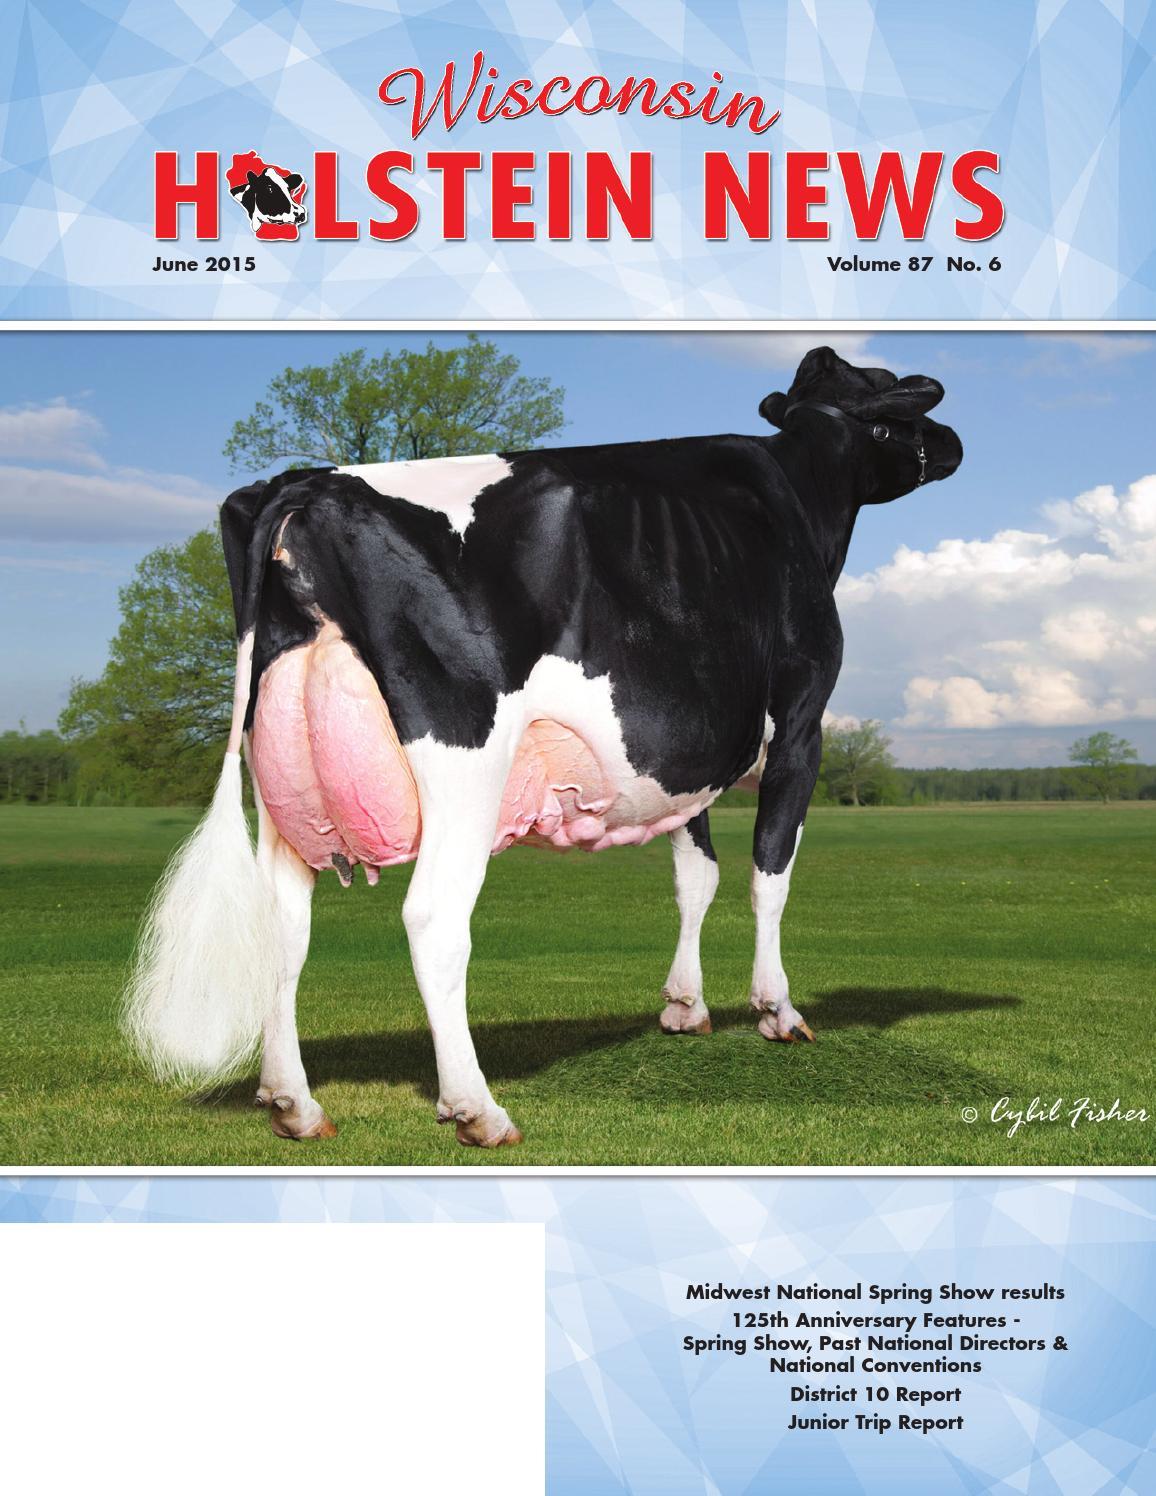 June 2015 Wi Holstein News By Wisconsin Holstein News Issuu